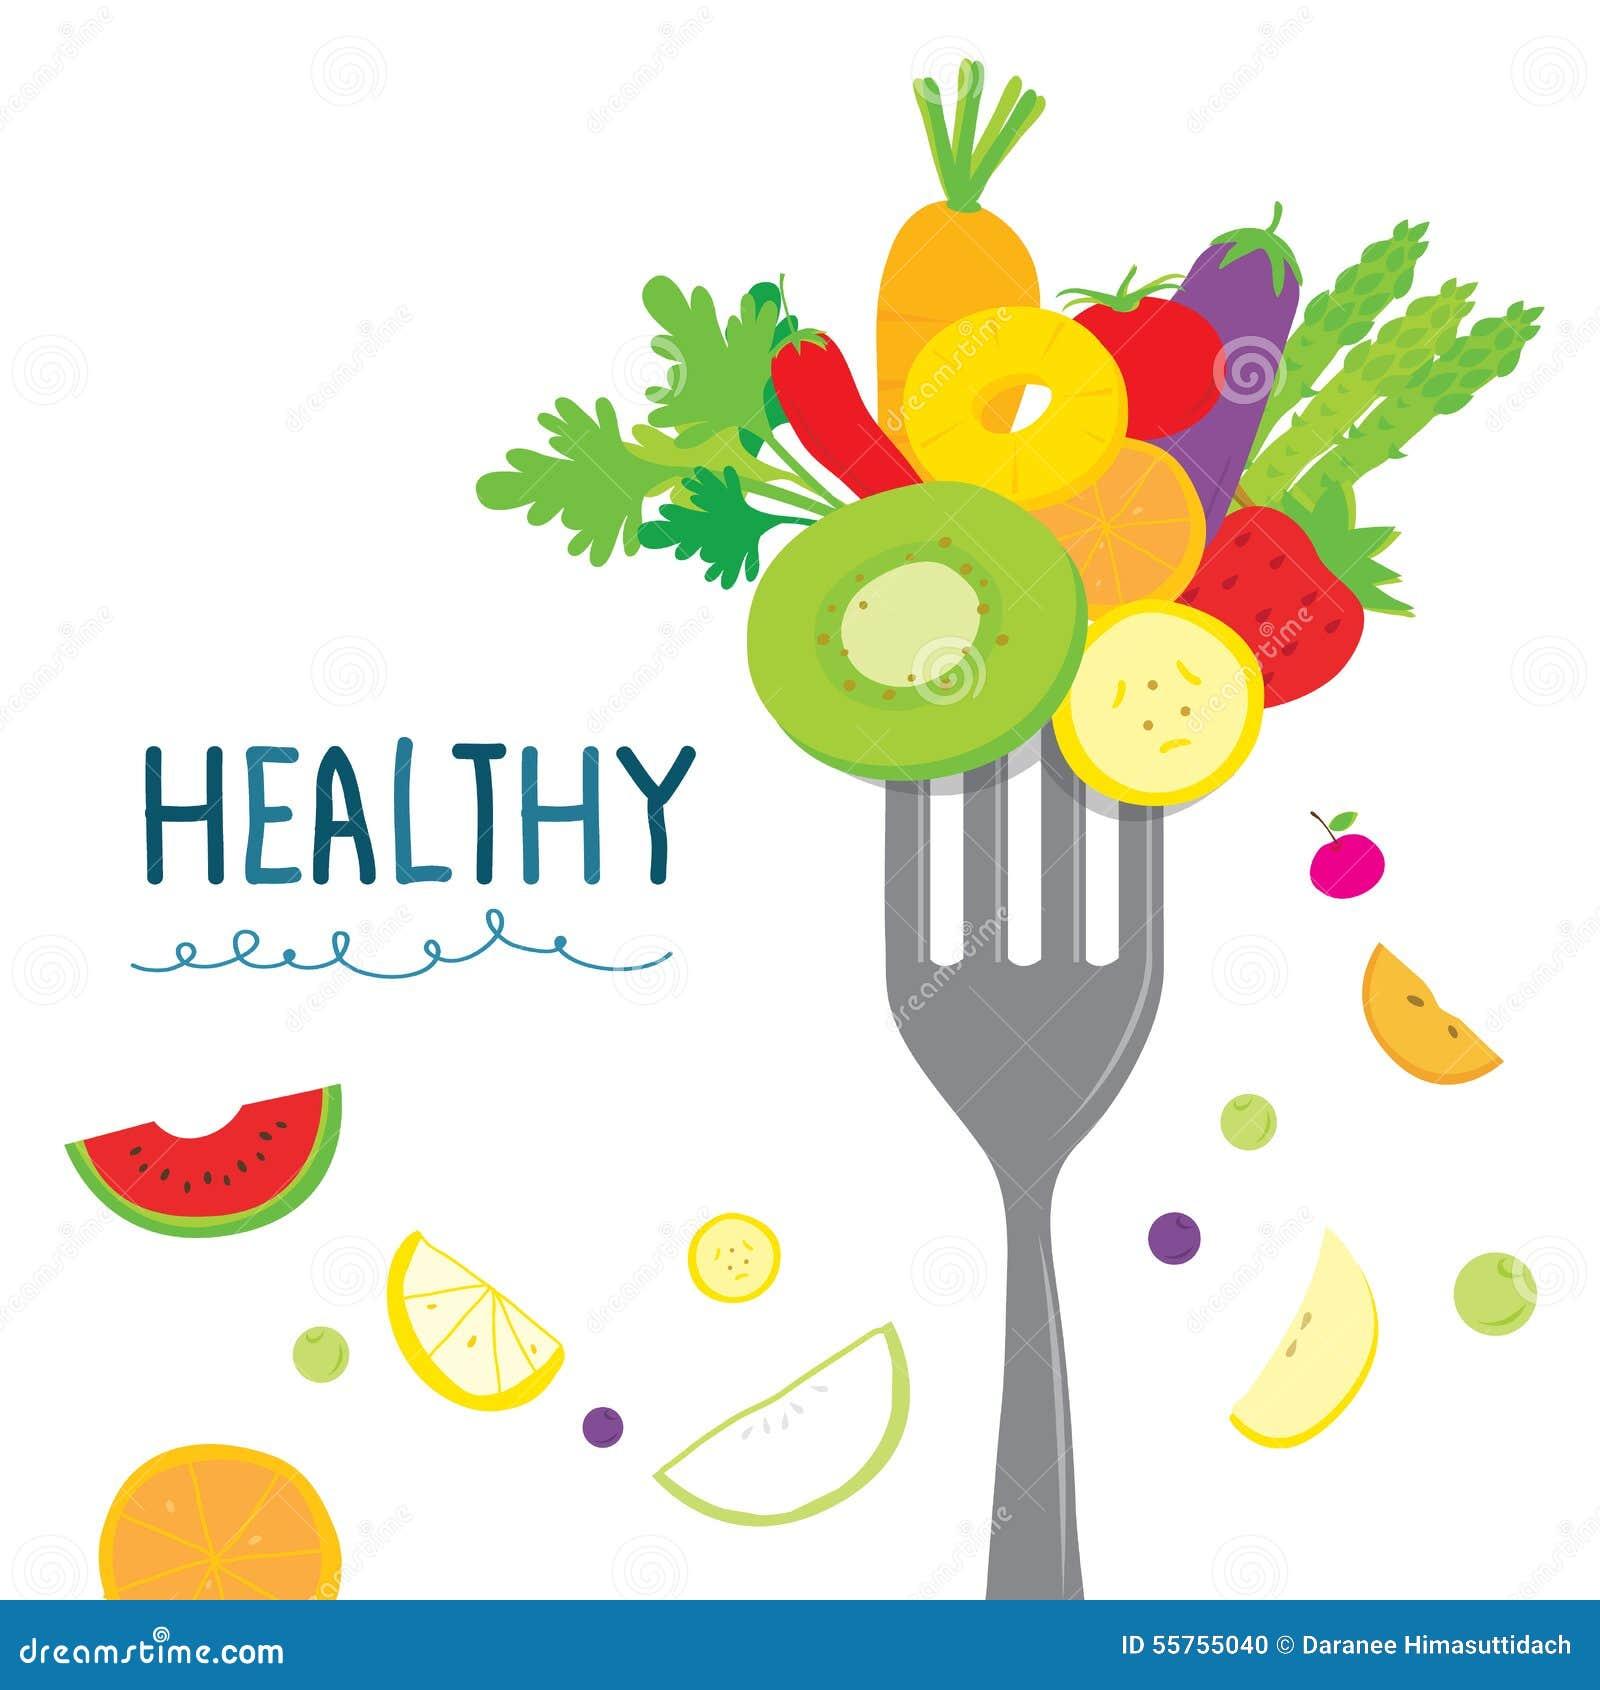 Healthy Fruit Vegetabl...